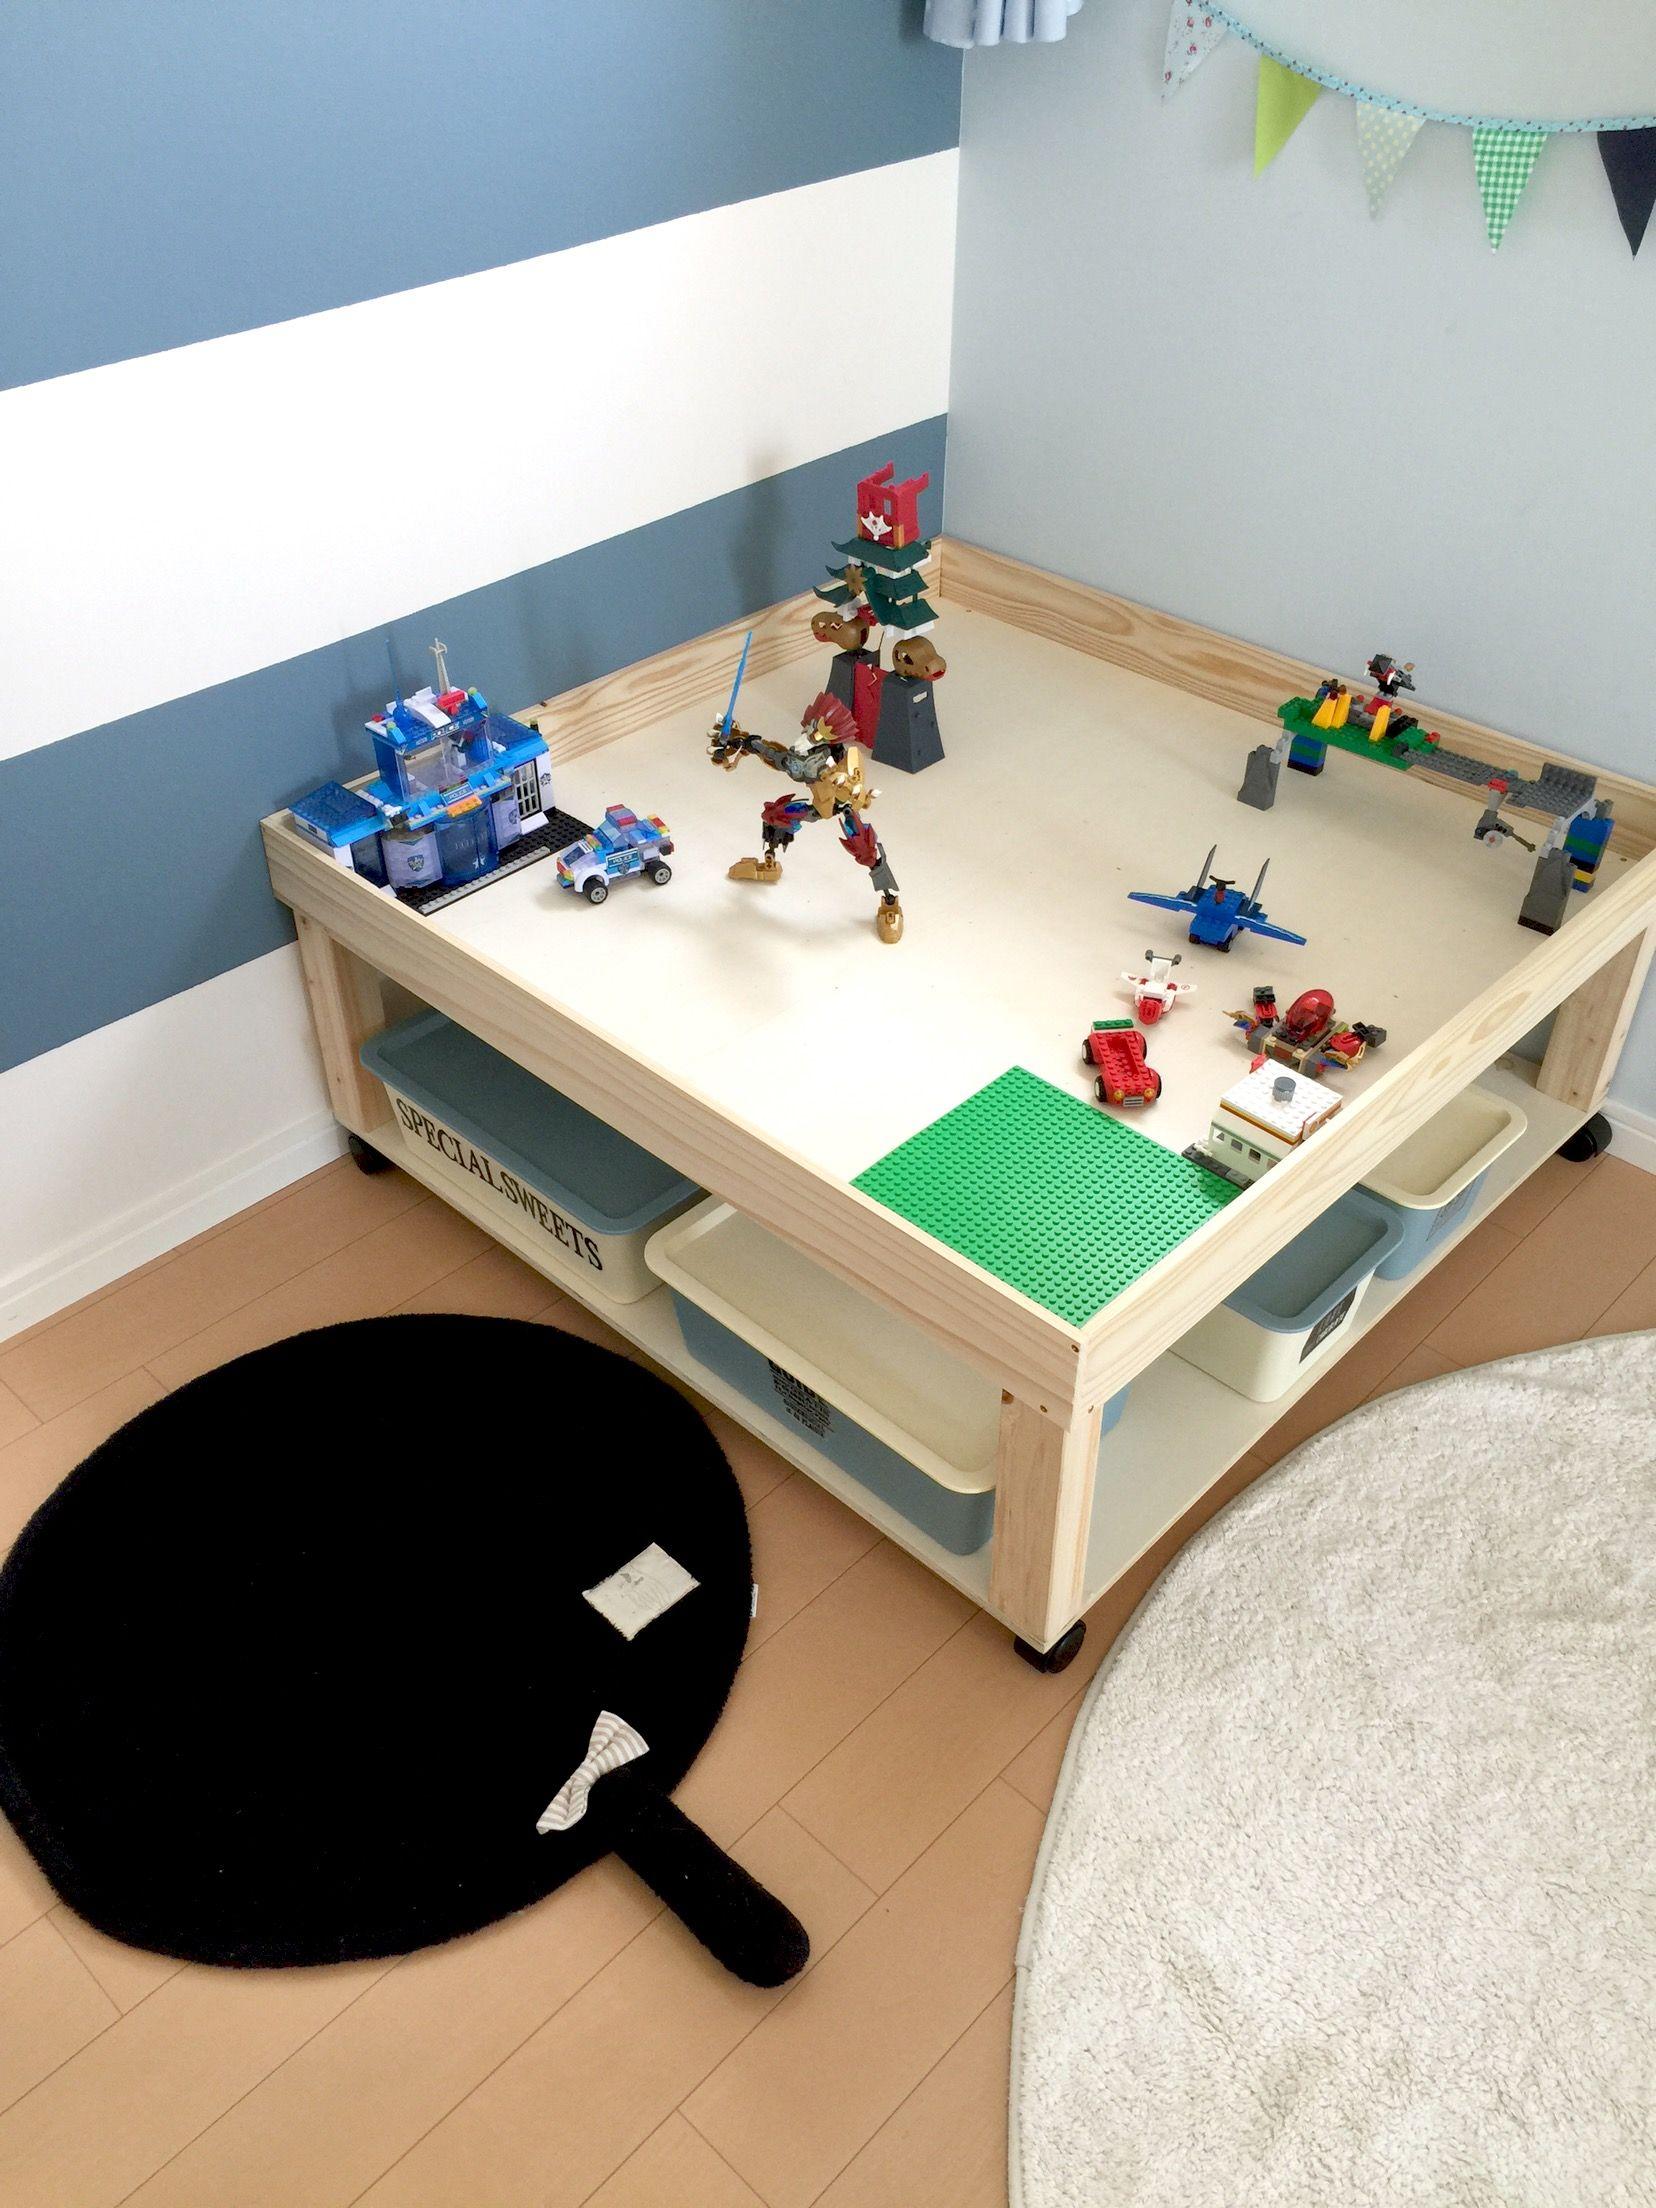 おもちゃの収納に プレイテーブル Diyレシピ プレイテーブル リビング キッズスペース インテリア 収納